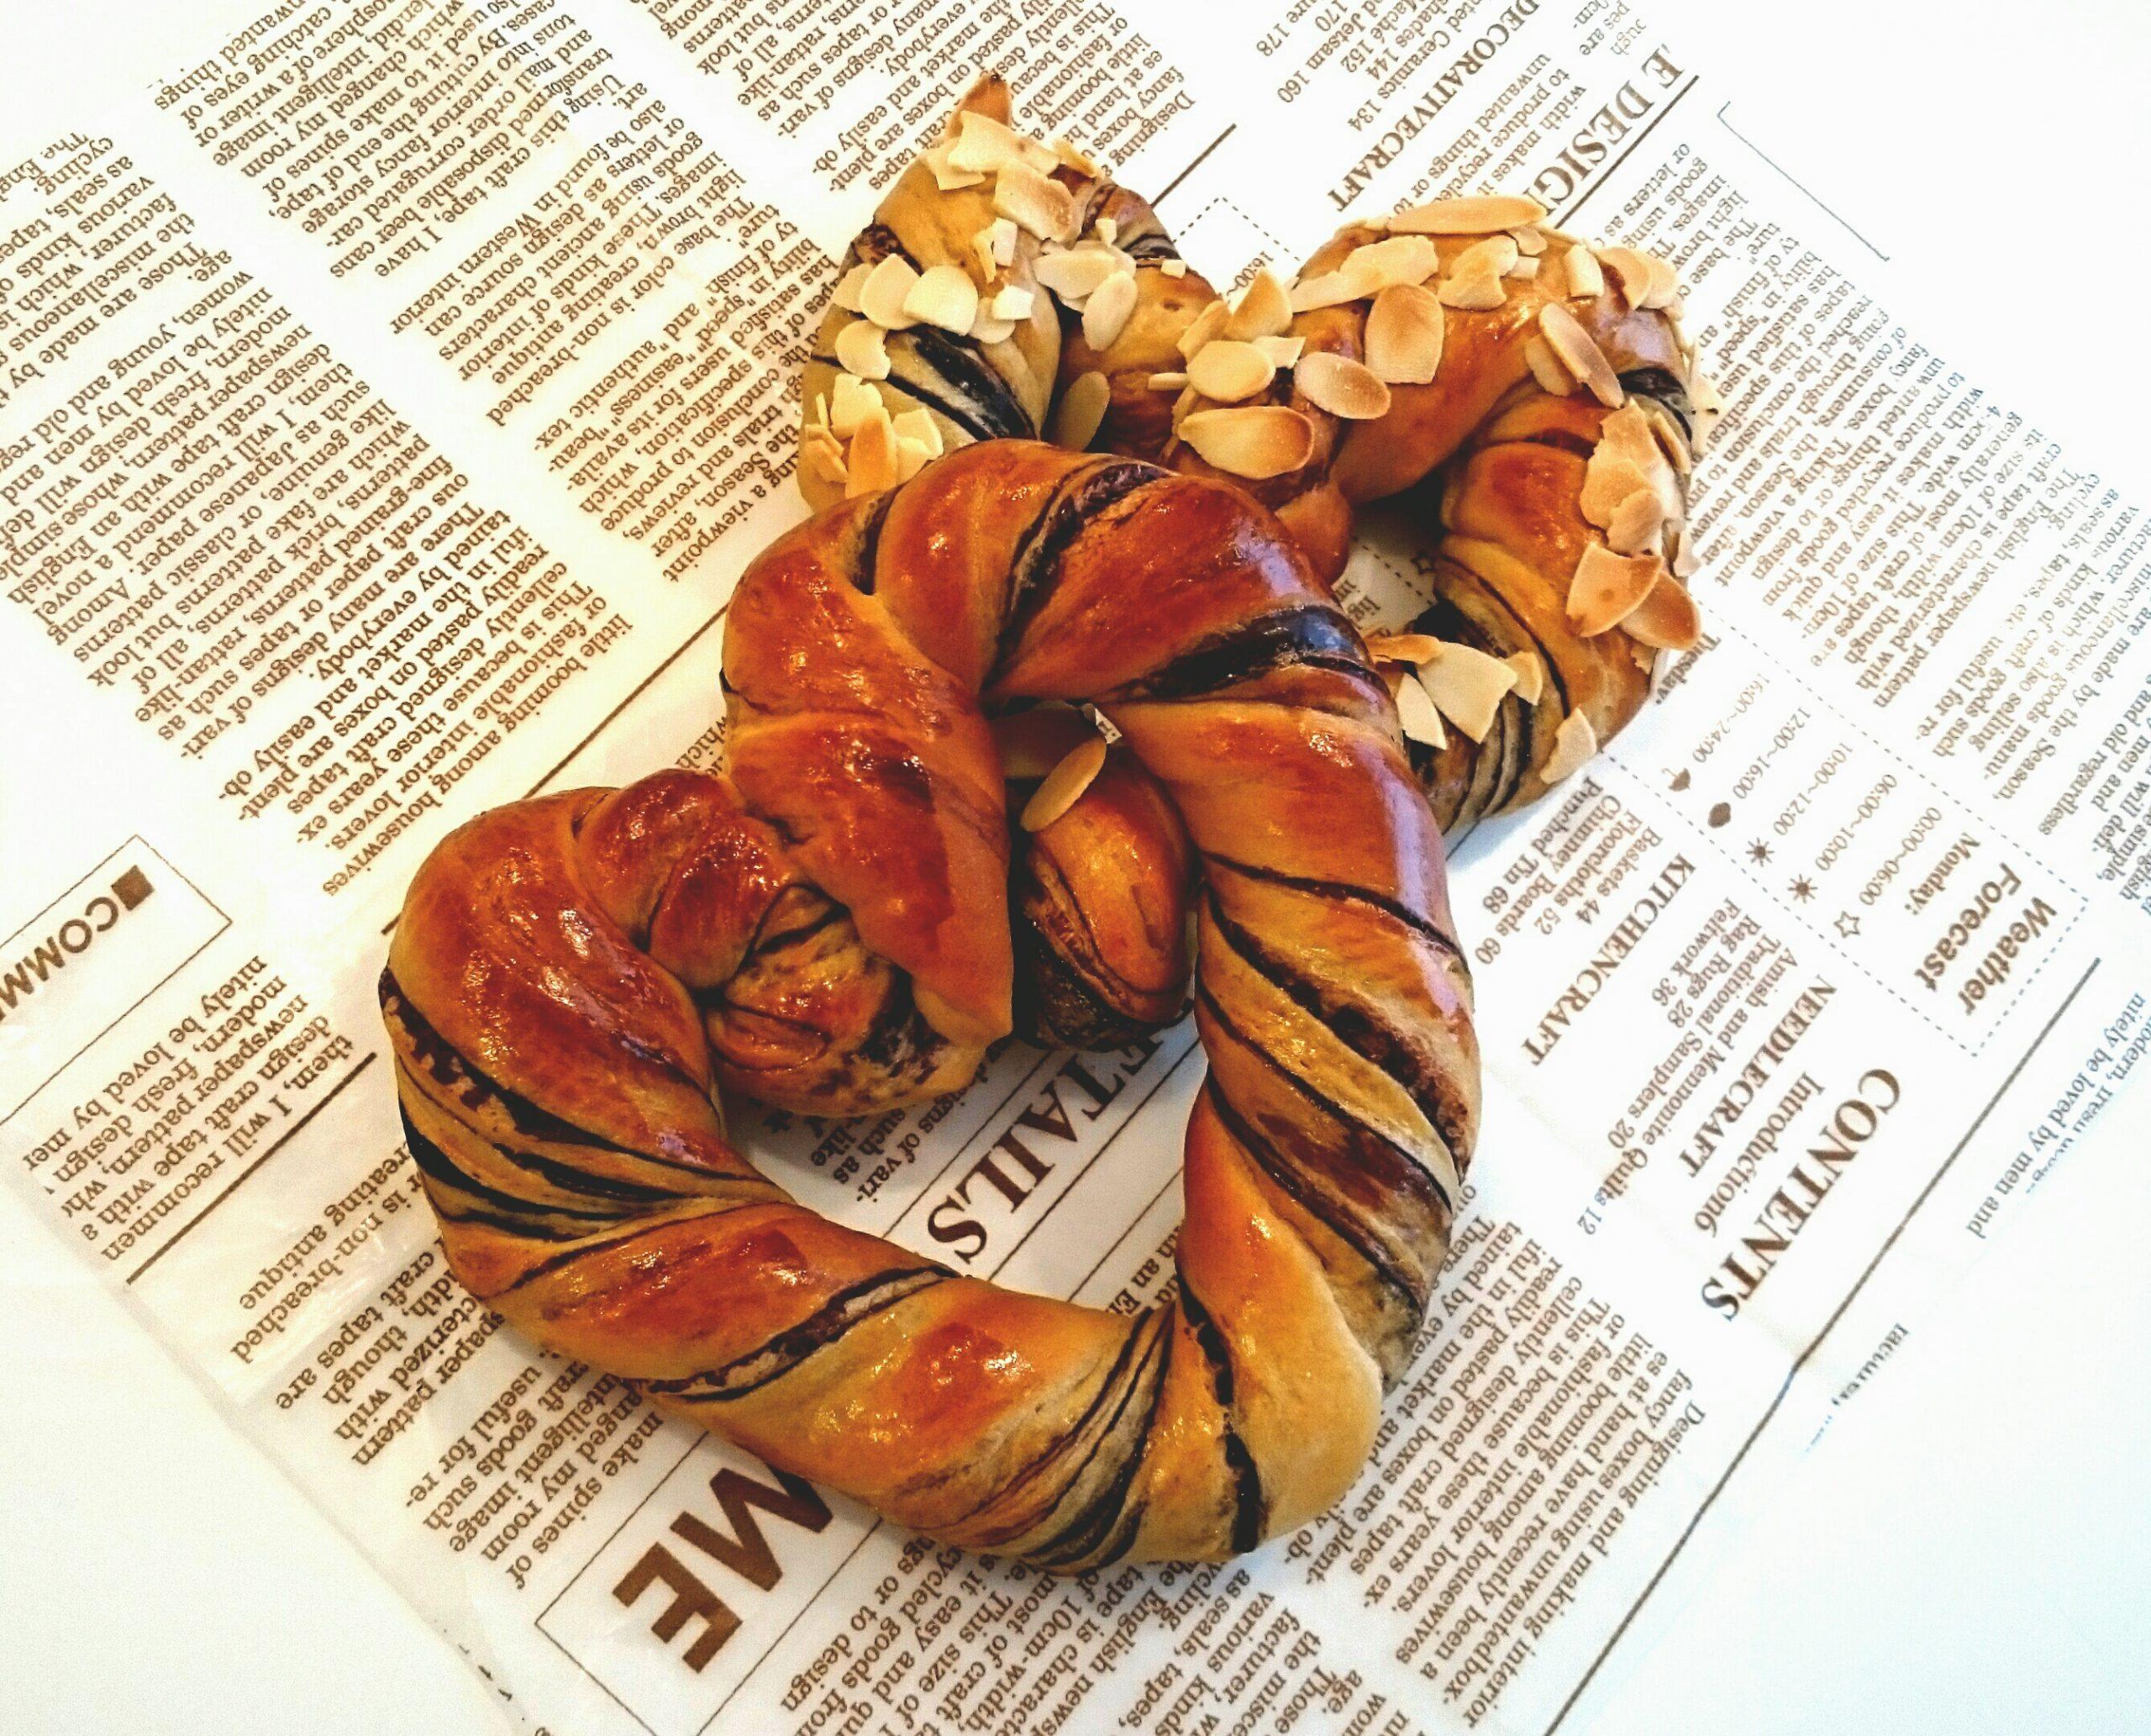 【中止】東文化会館 文化講座 ホームベーカリーを使ったパンレッスン 1月メニュー チョコハート